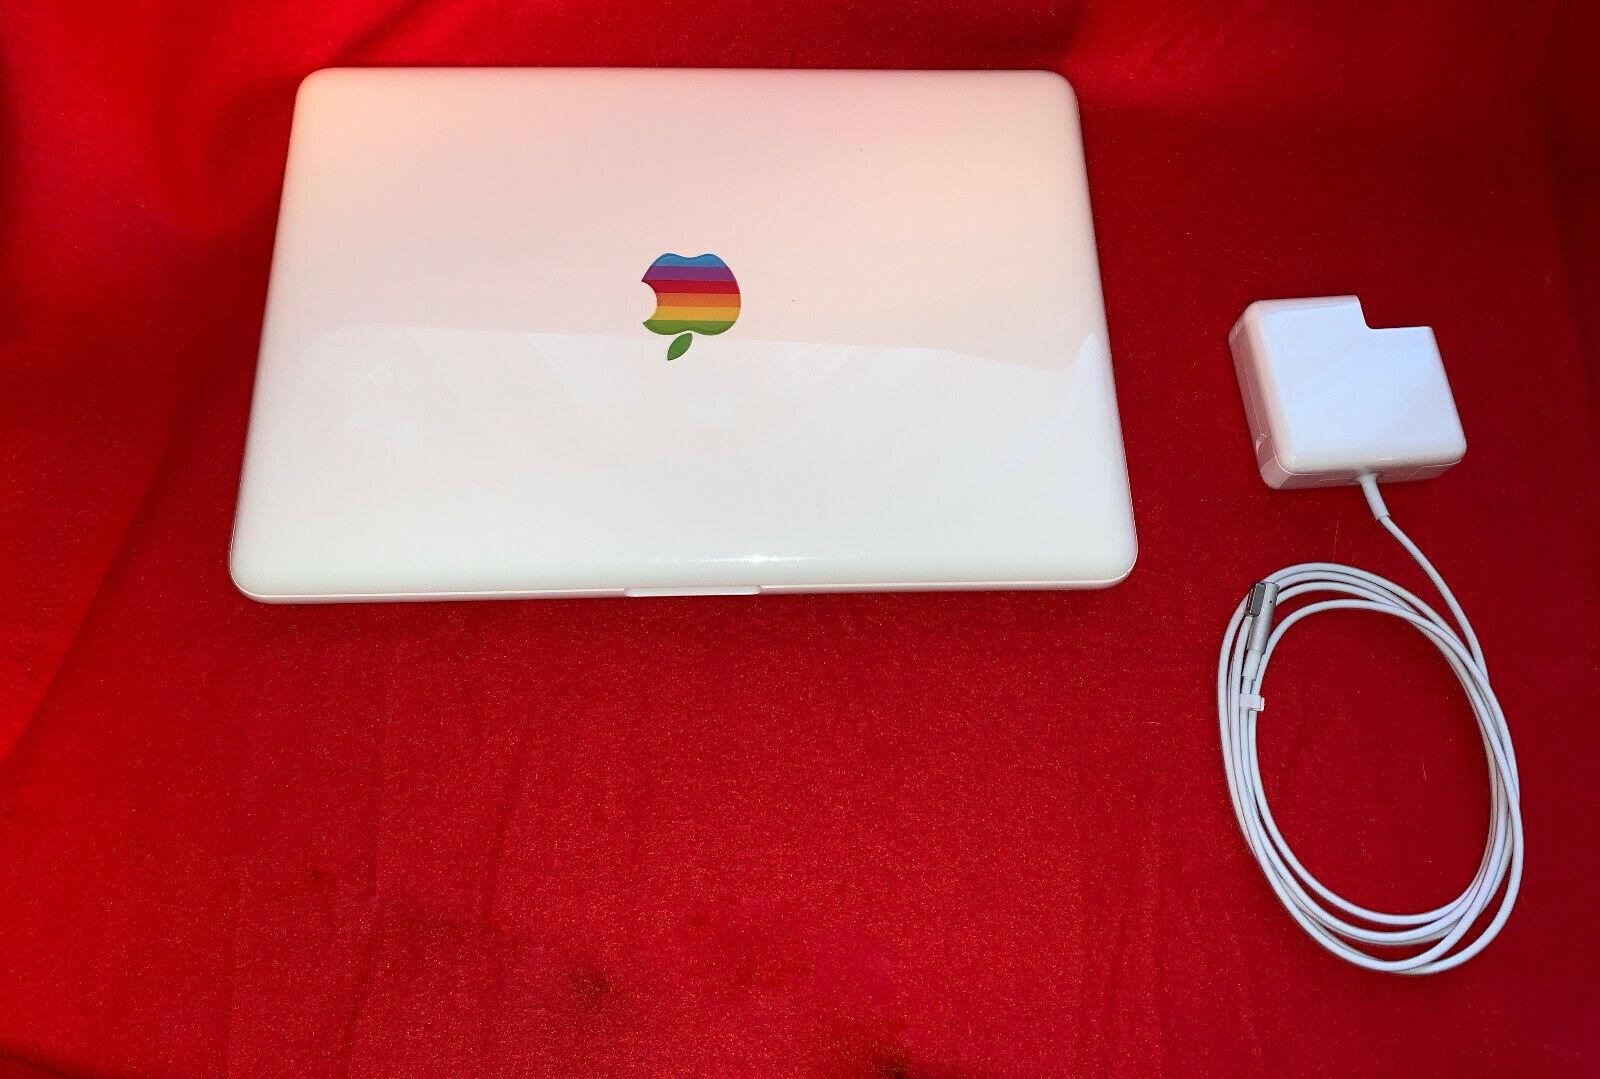 Apple Macbook 6,1 Mod. A 1342, 4 gB RAM, 120 gB SSD- GUTER Zustand 2009